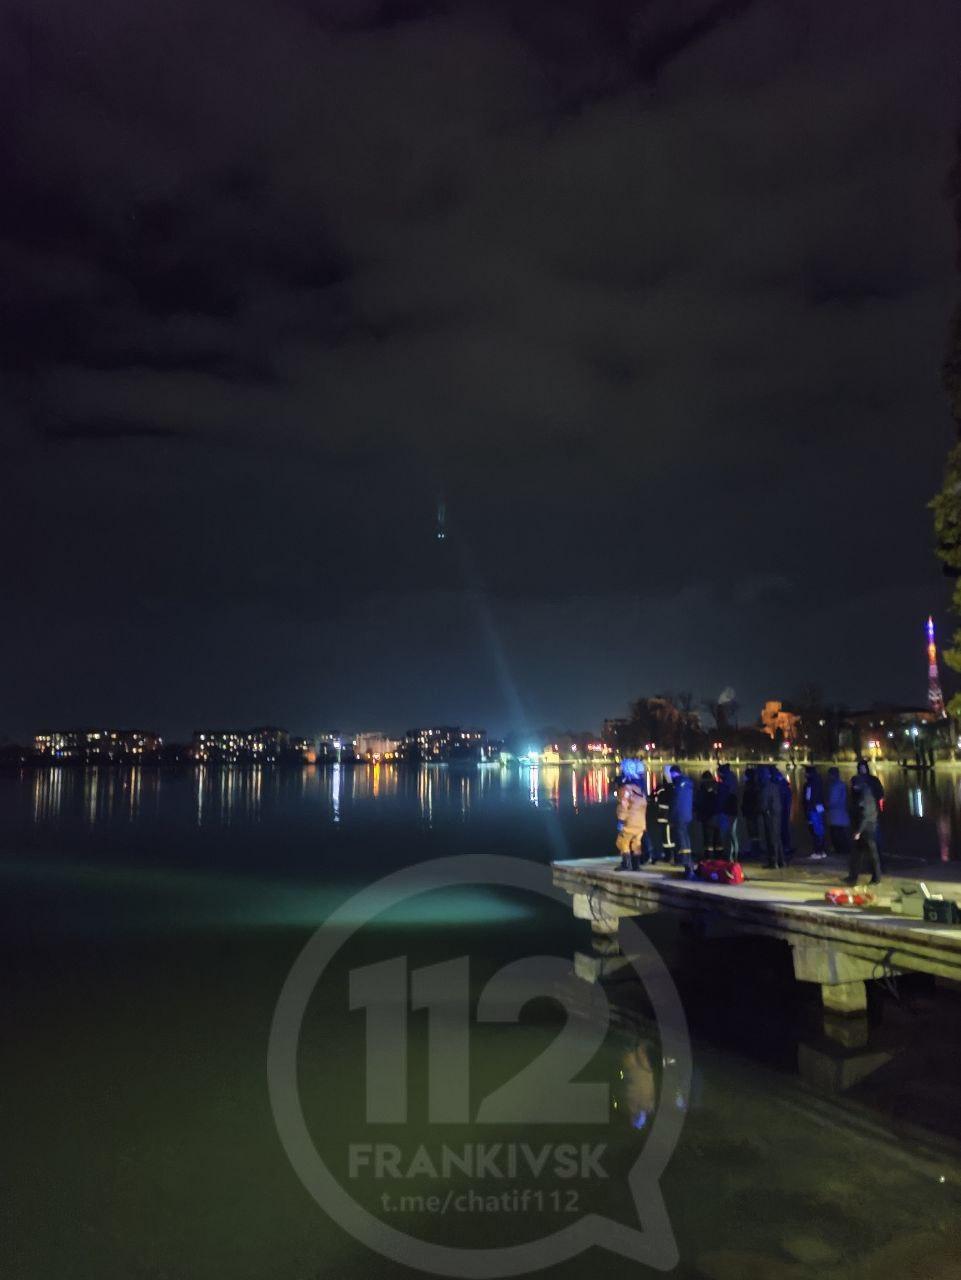 У міському озері шукають чоловіка, який зайшов у воду (ФОТО)